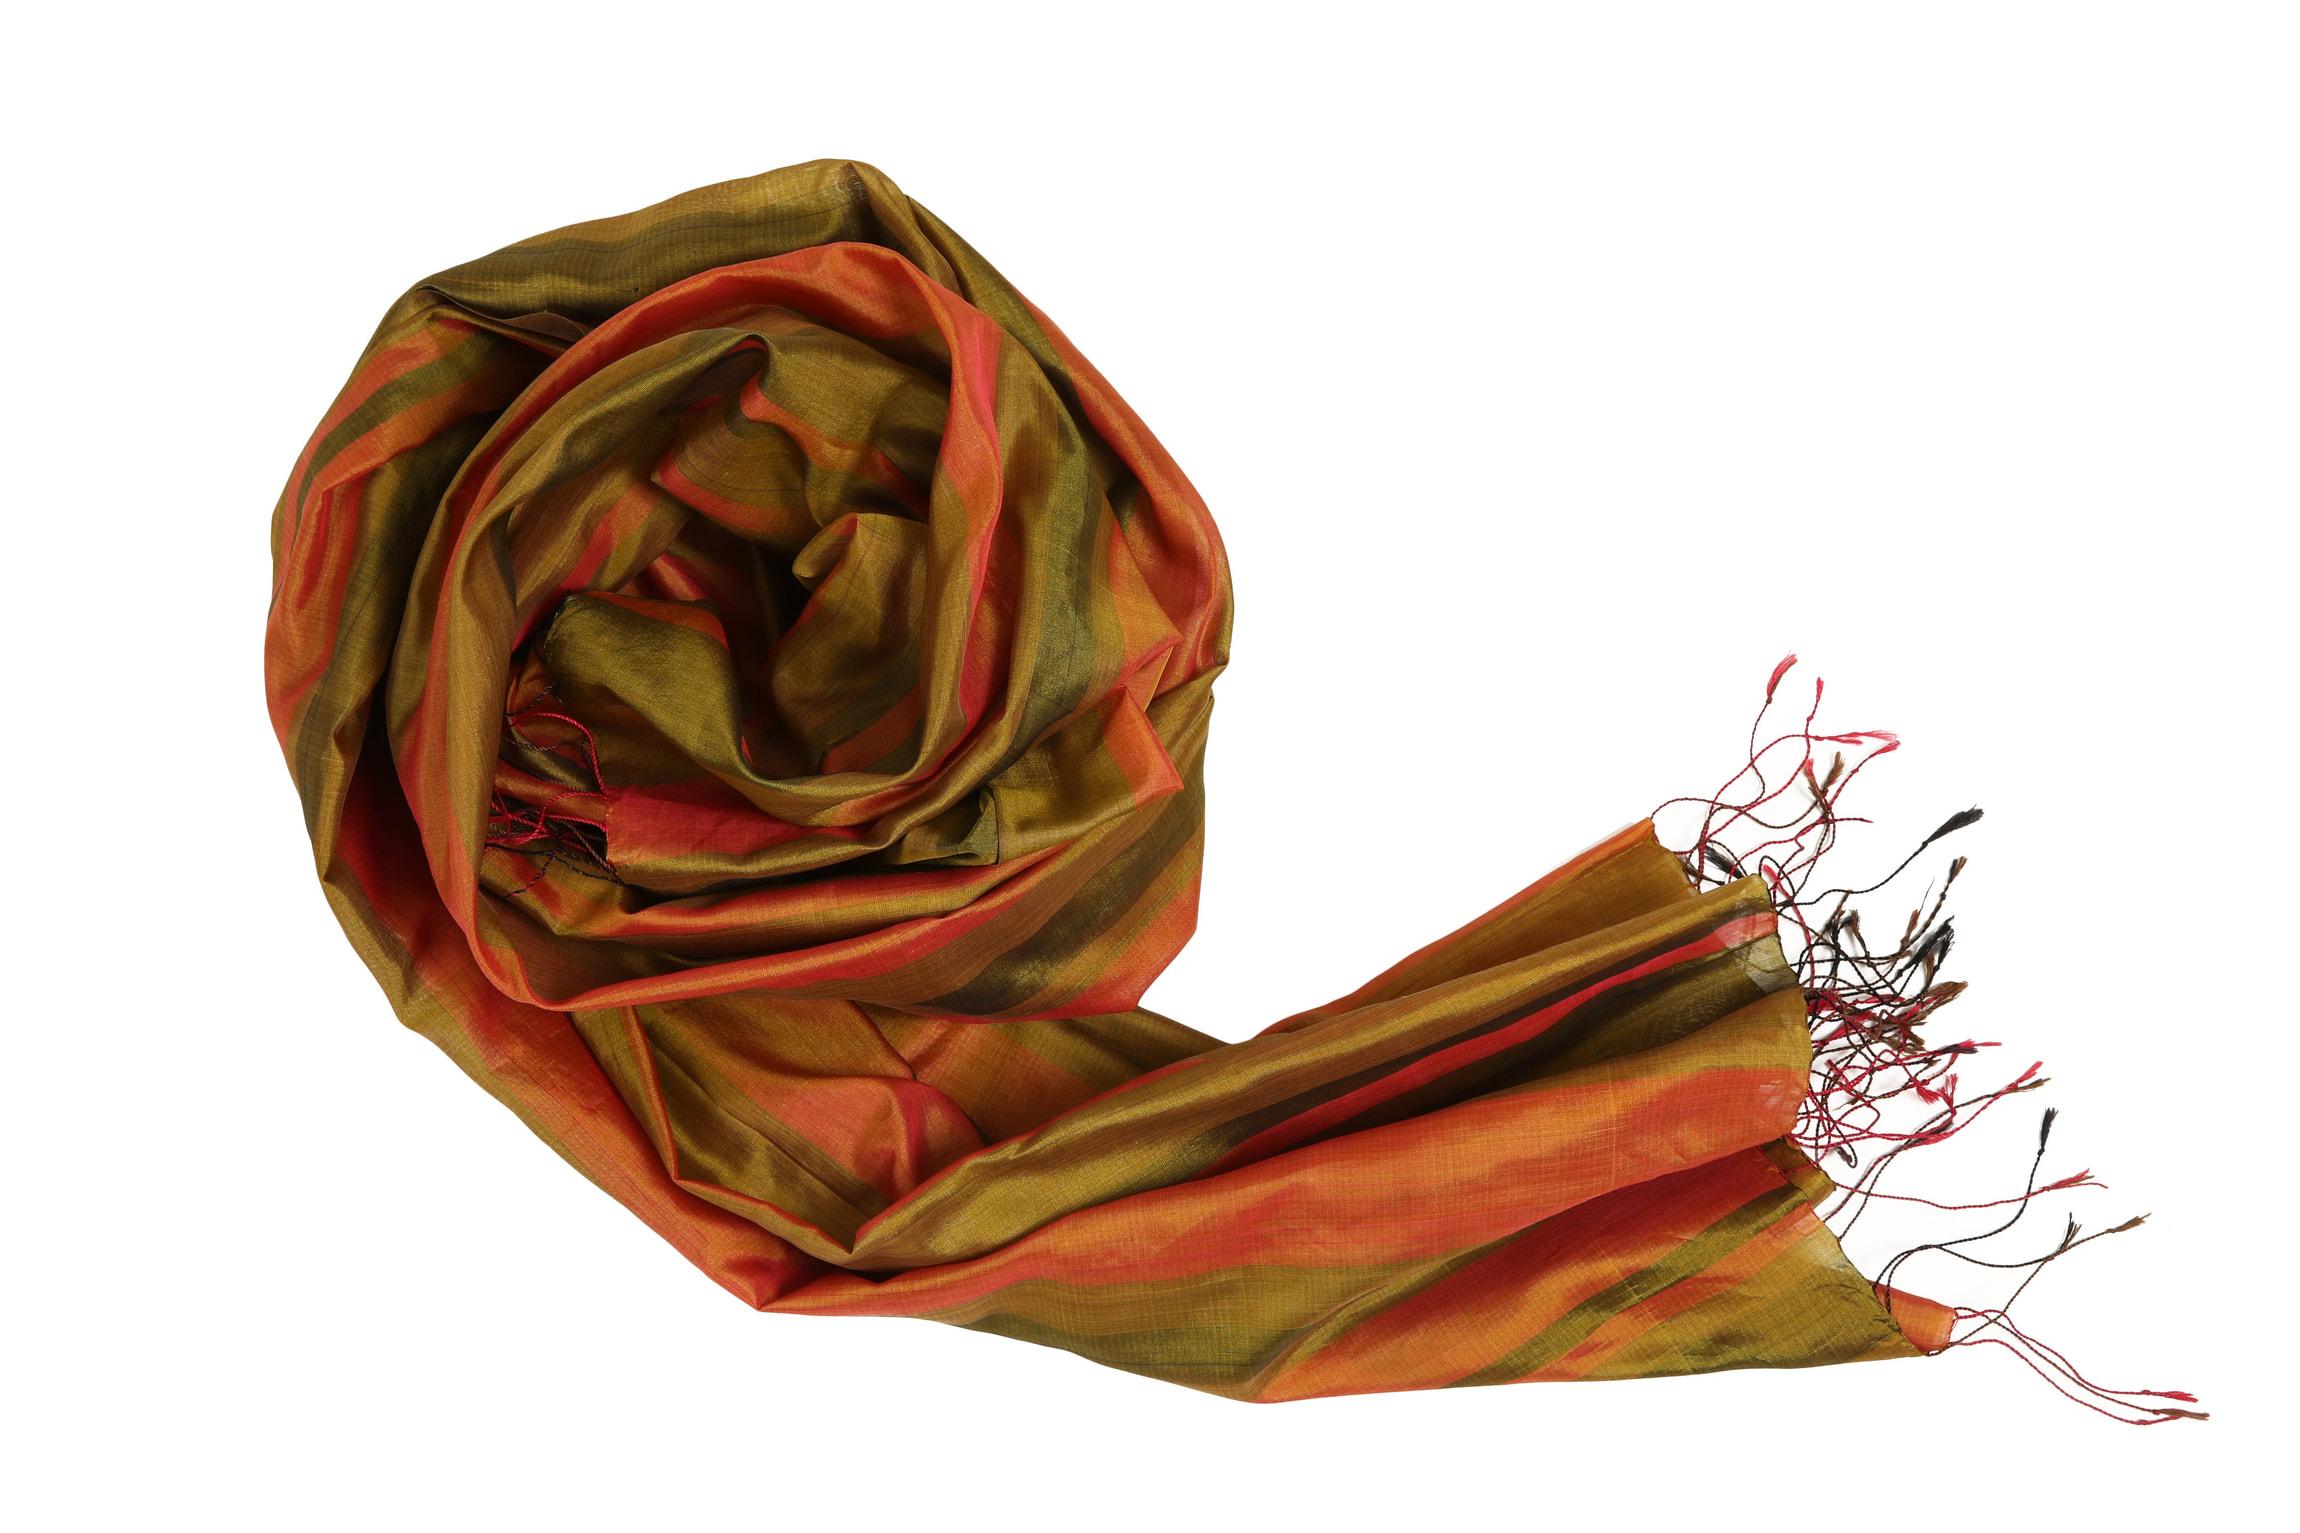 écharpe verte et orange en soie naturelle avec des franges rouges, lumineuse et douce, étole